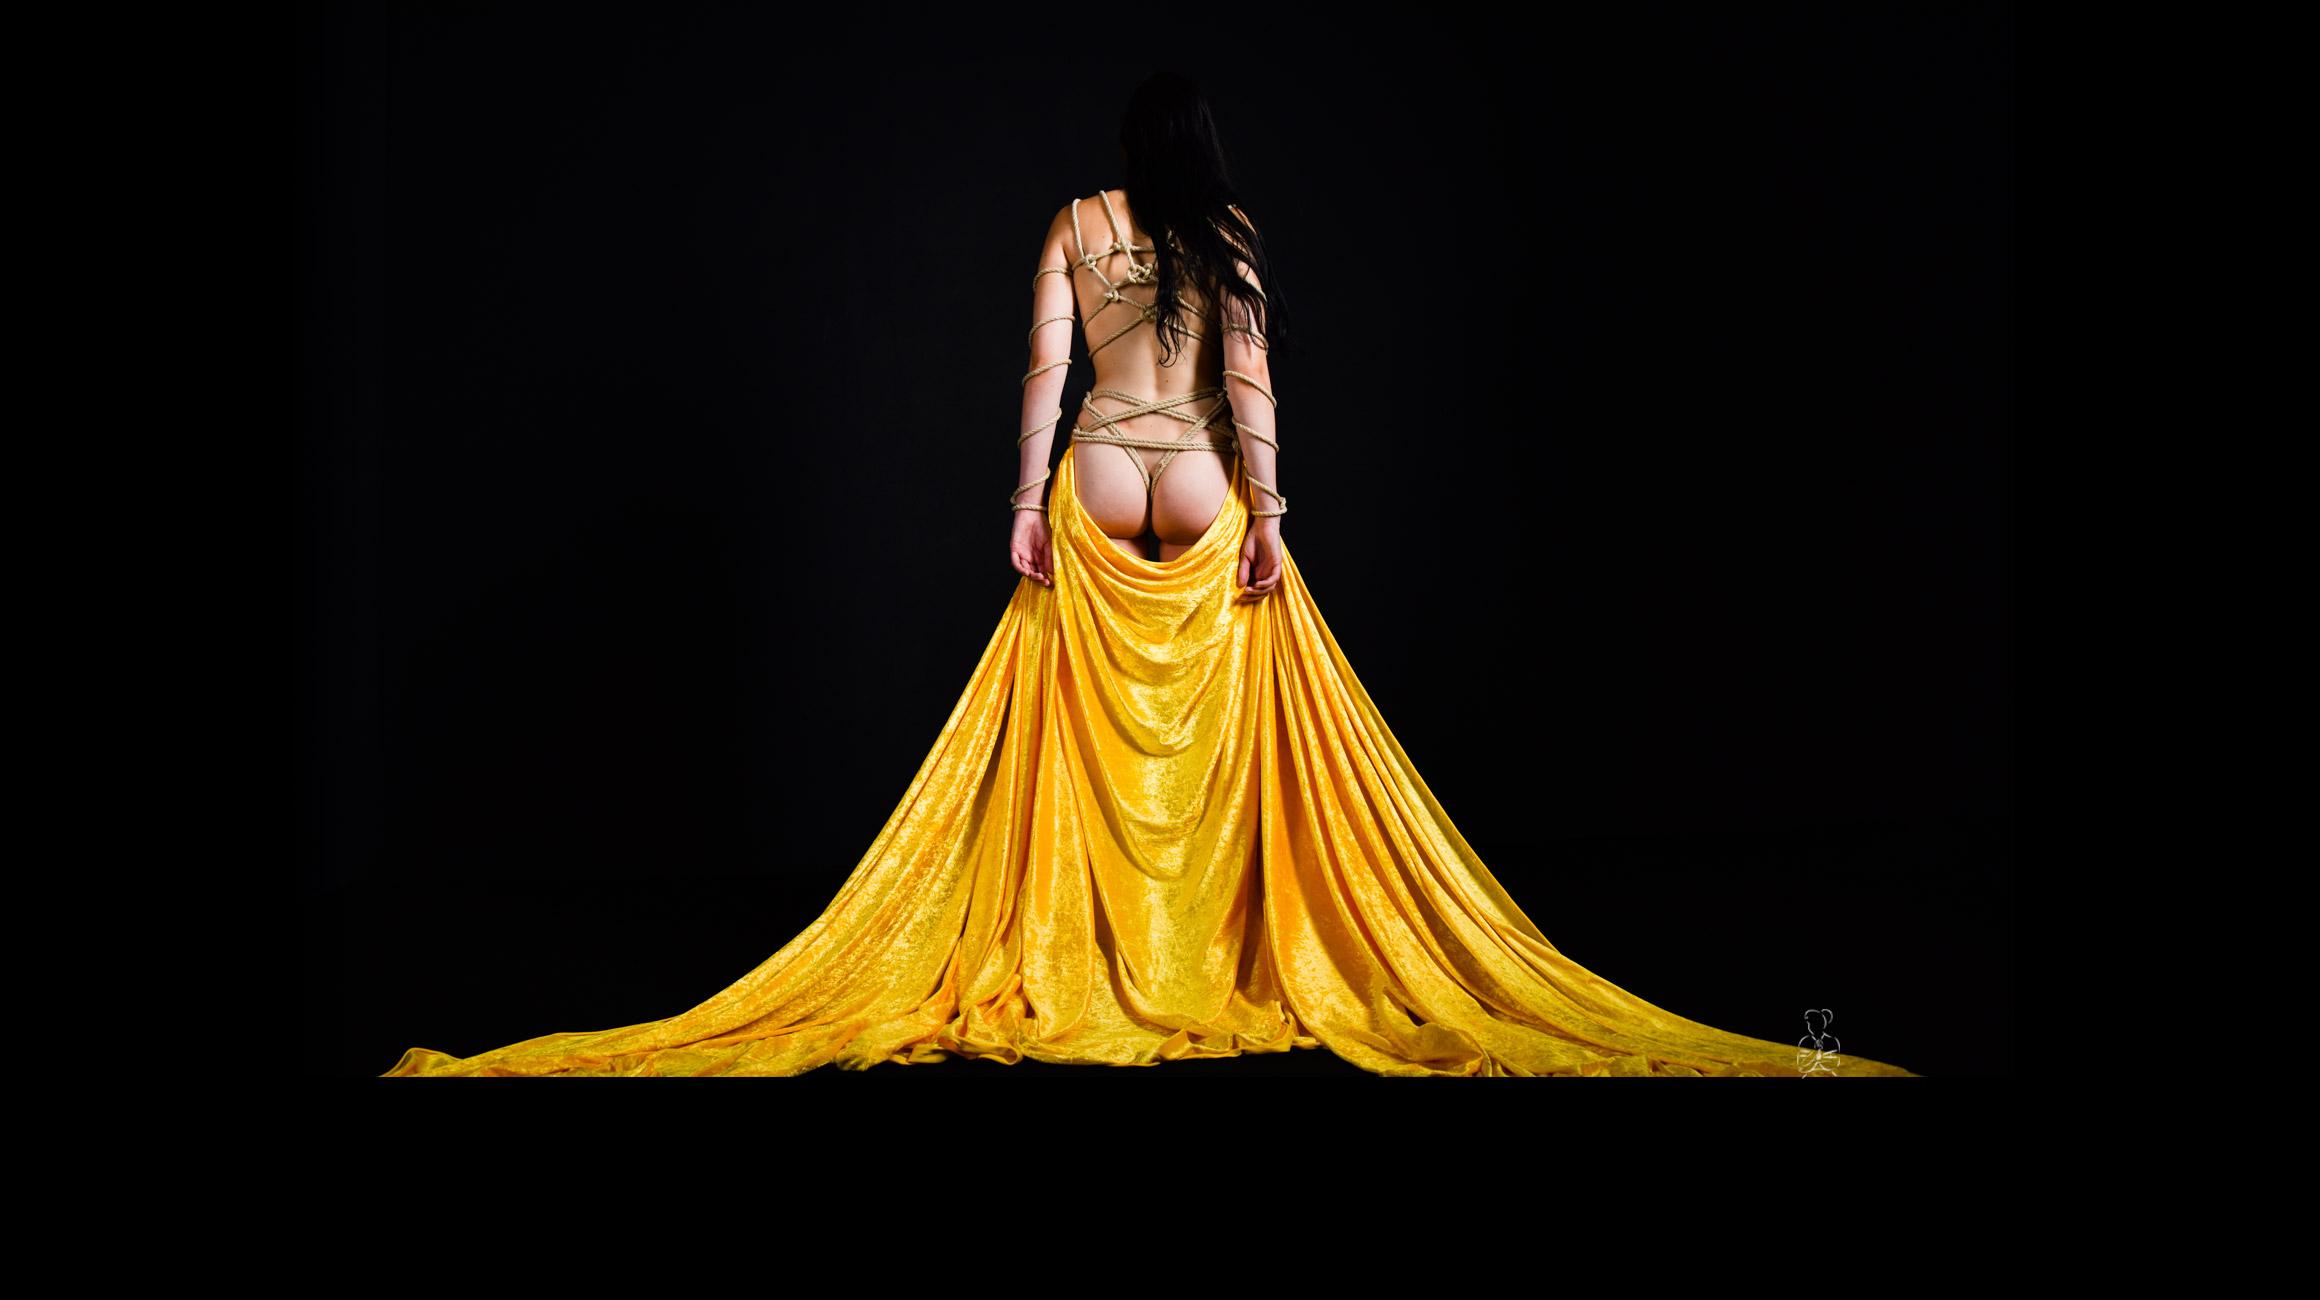 Sinnliche, weibliche, erotische & kunstvolle Bondage Fotos von Frauen